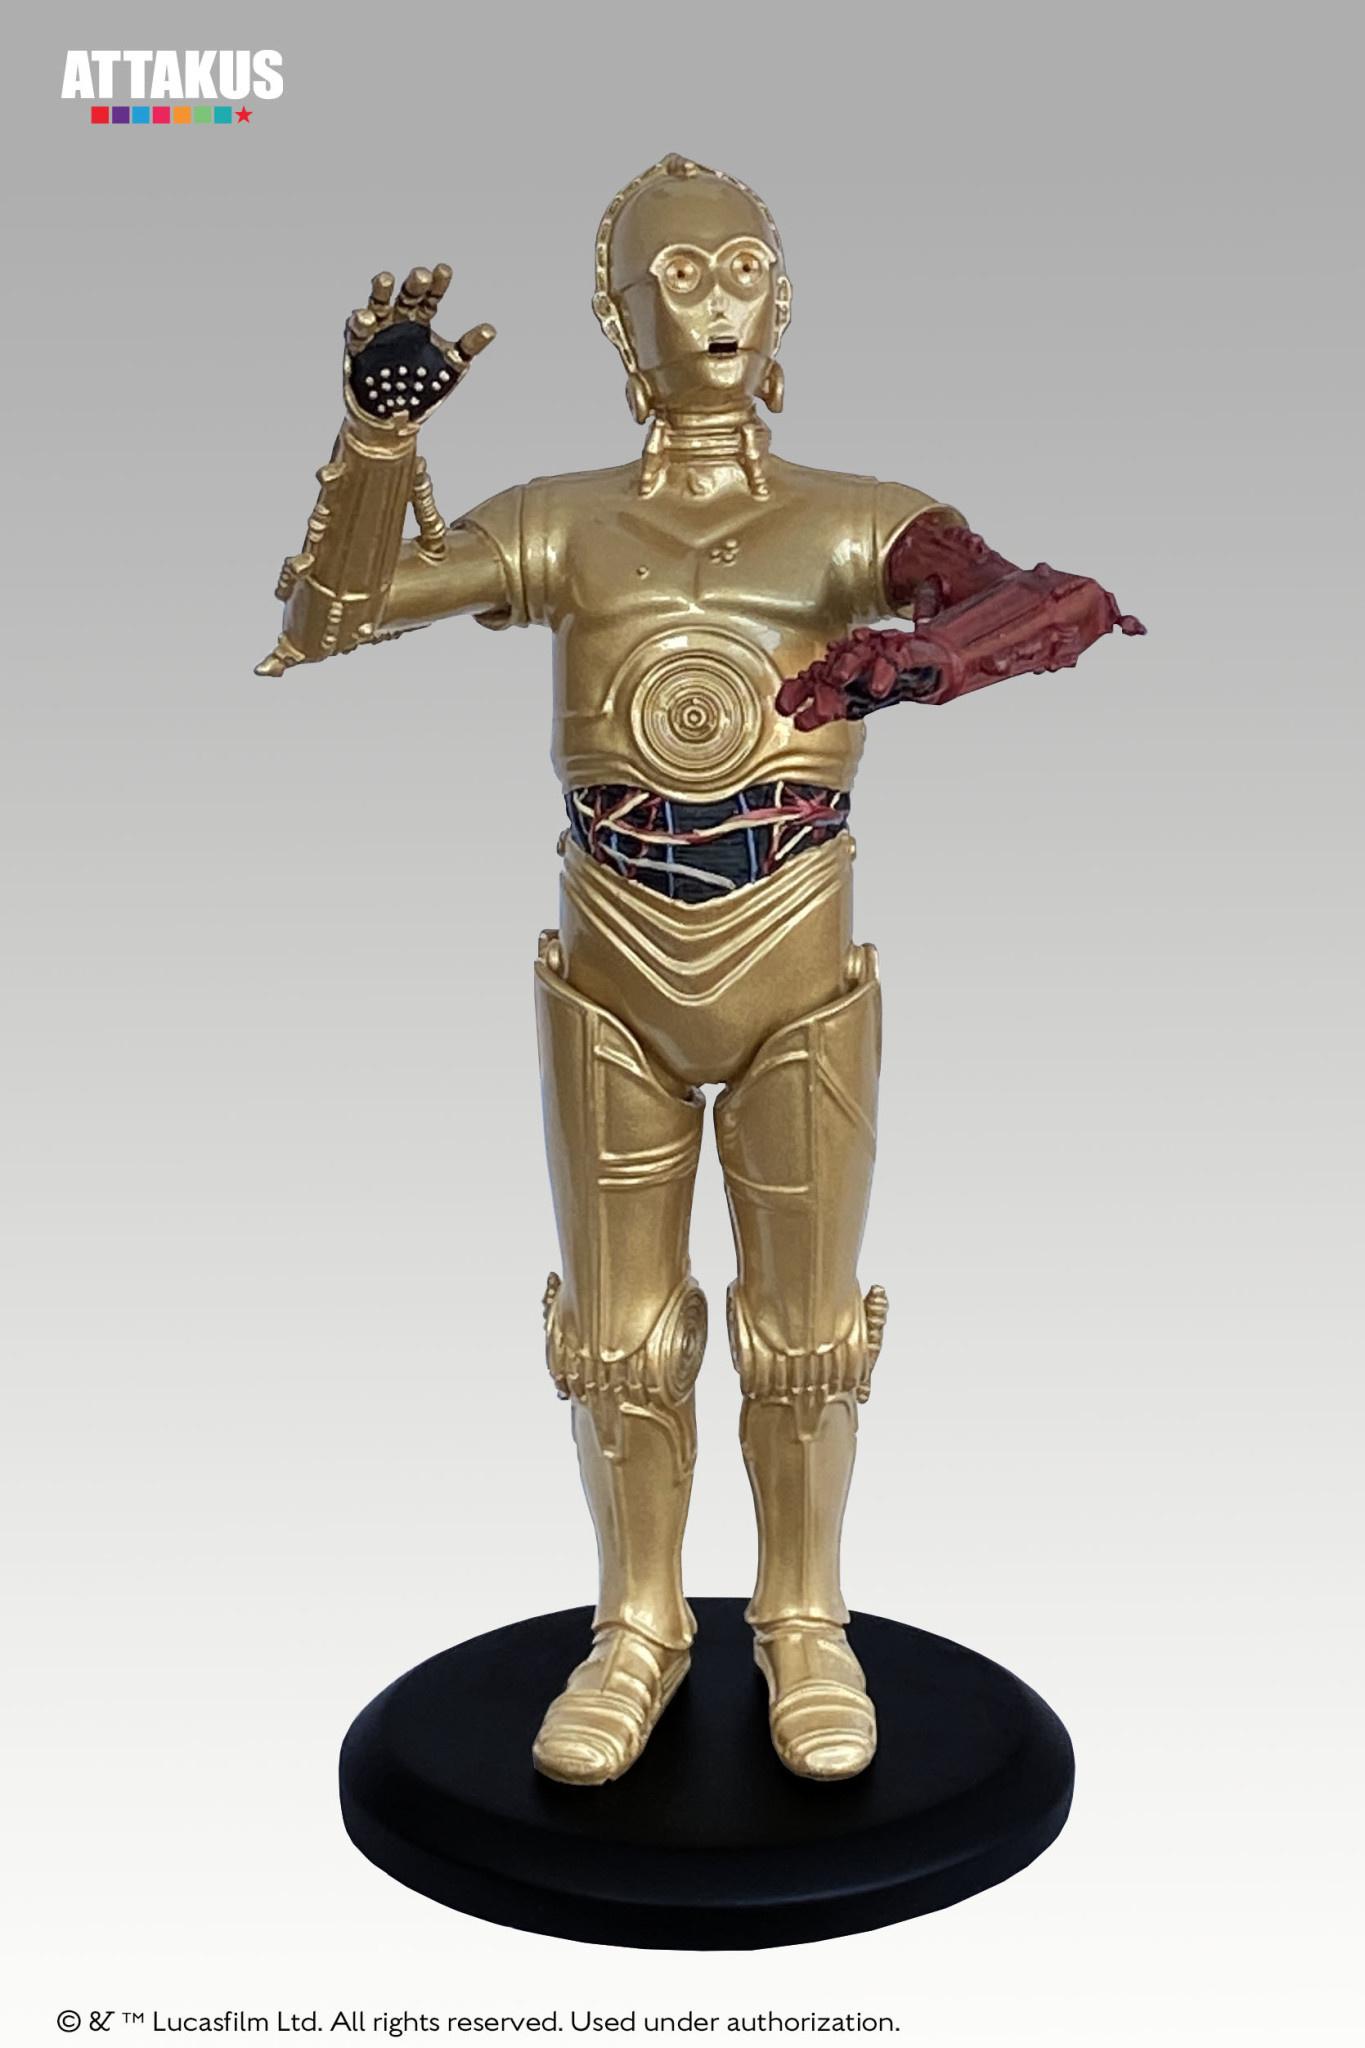 Attakus Star Wars: Red Arm C-3PO Version 3 - 18 cm Statue